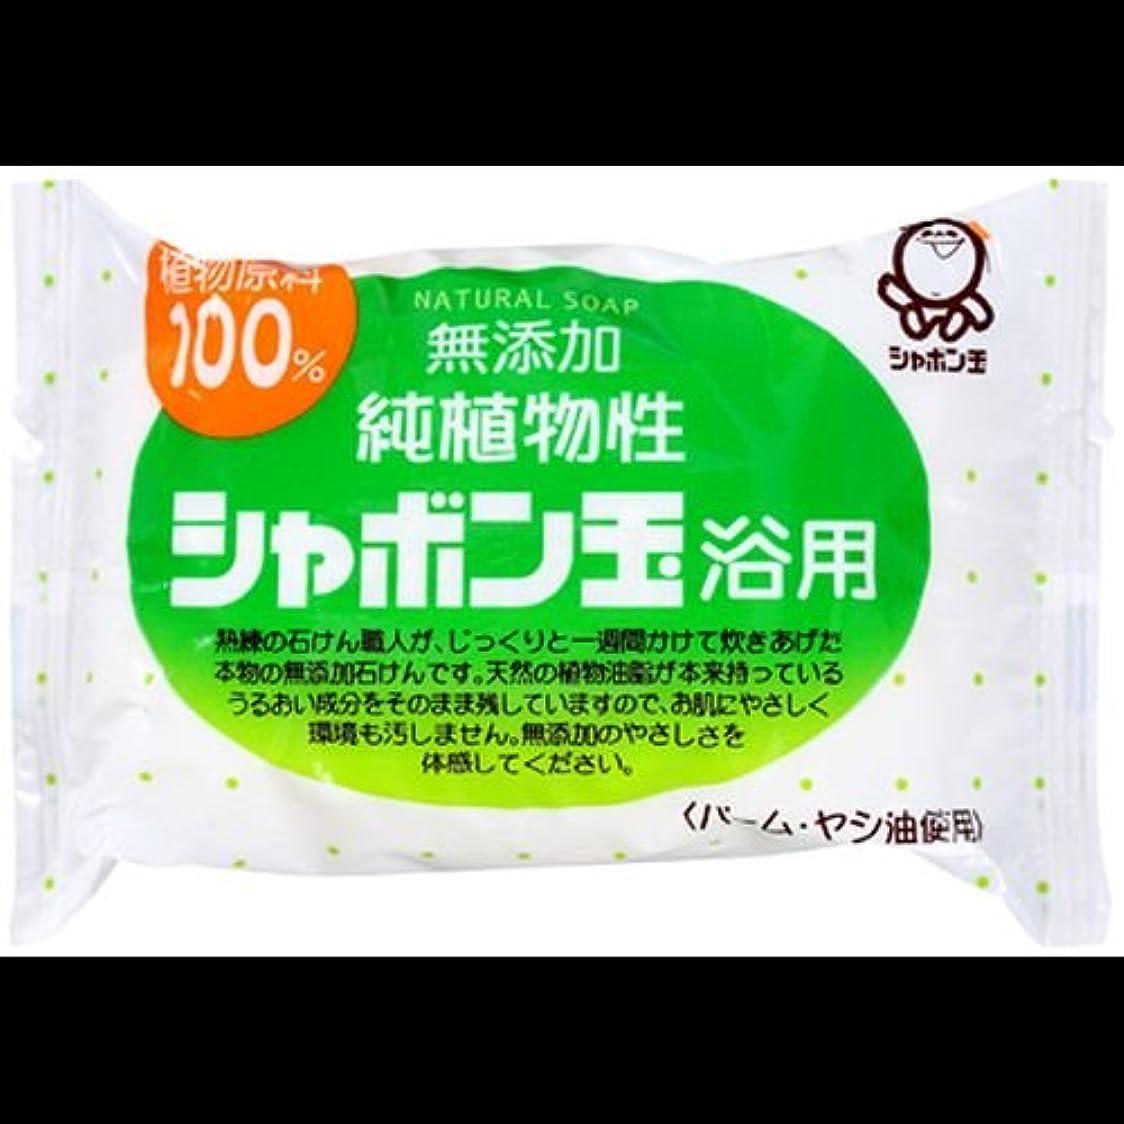 チロ狂気深く【まとめ買い】シャボン玉 無添加 純植物性 シャボン玉浴用石けん 純植物性 100g ×2セット